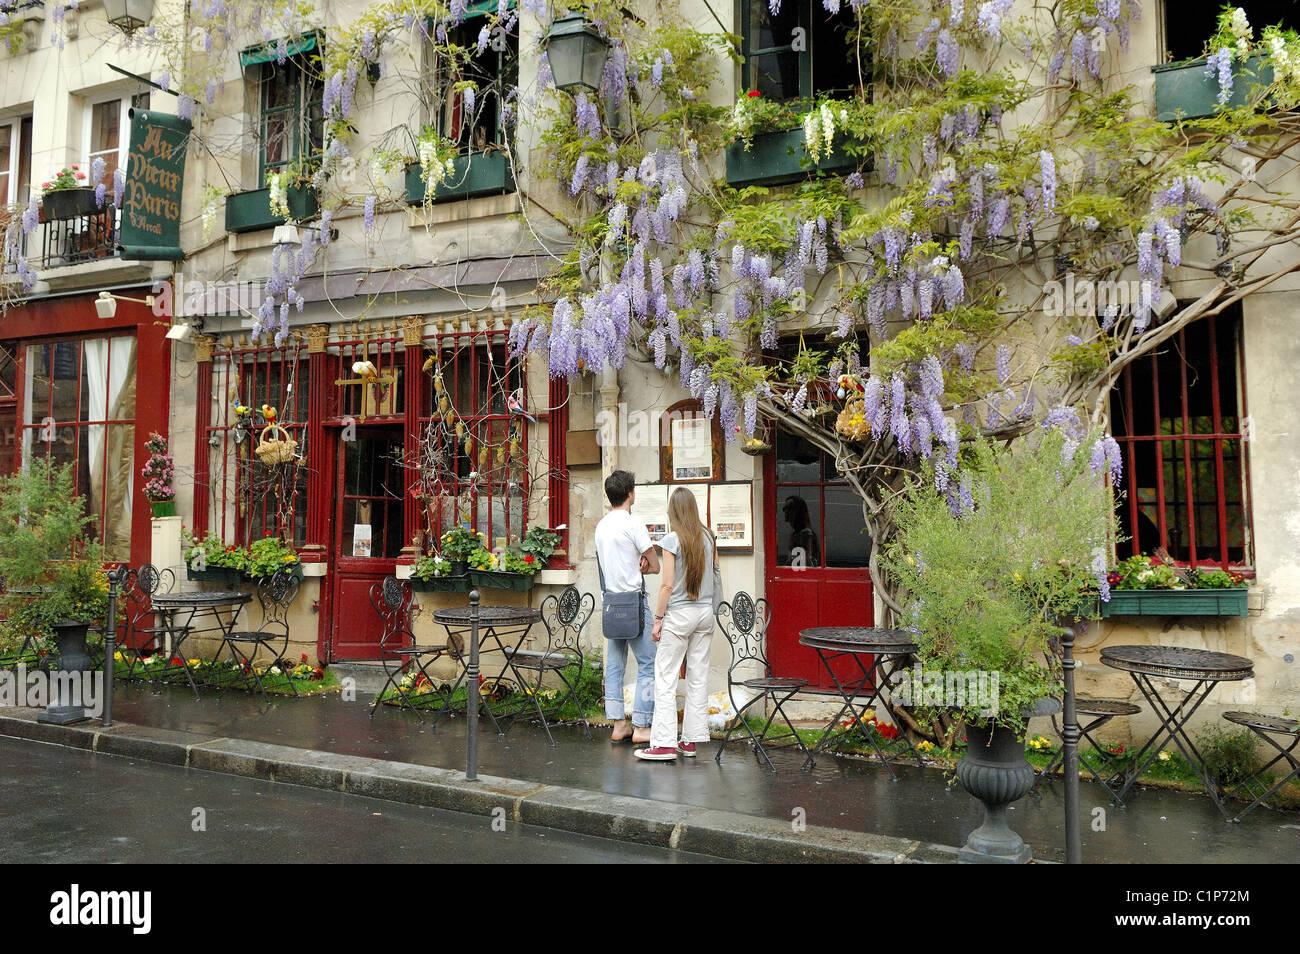 Rue De La Charit Ef Bf Bd Restaurant